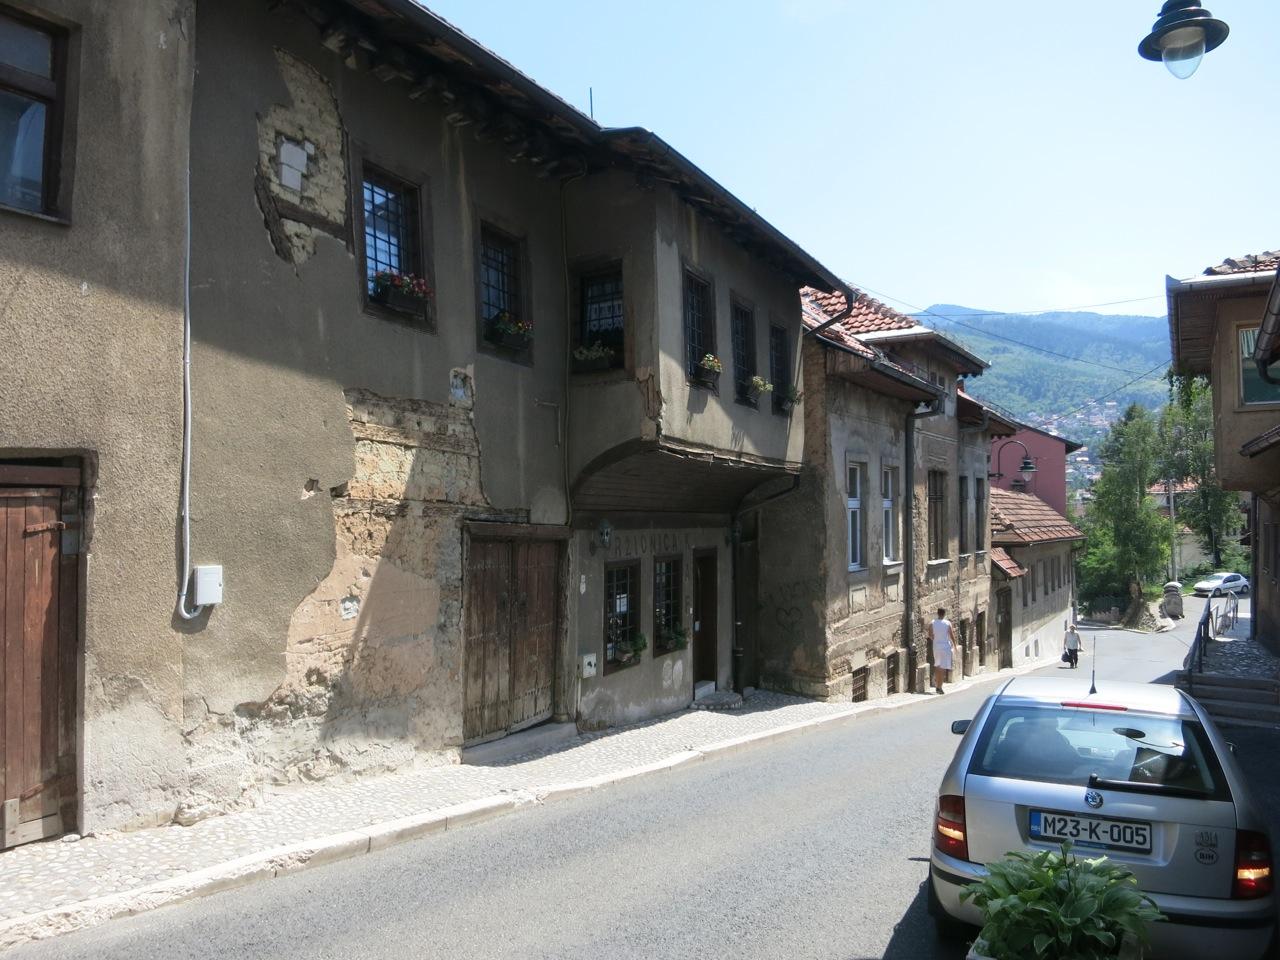 Sarajevo 1-16